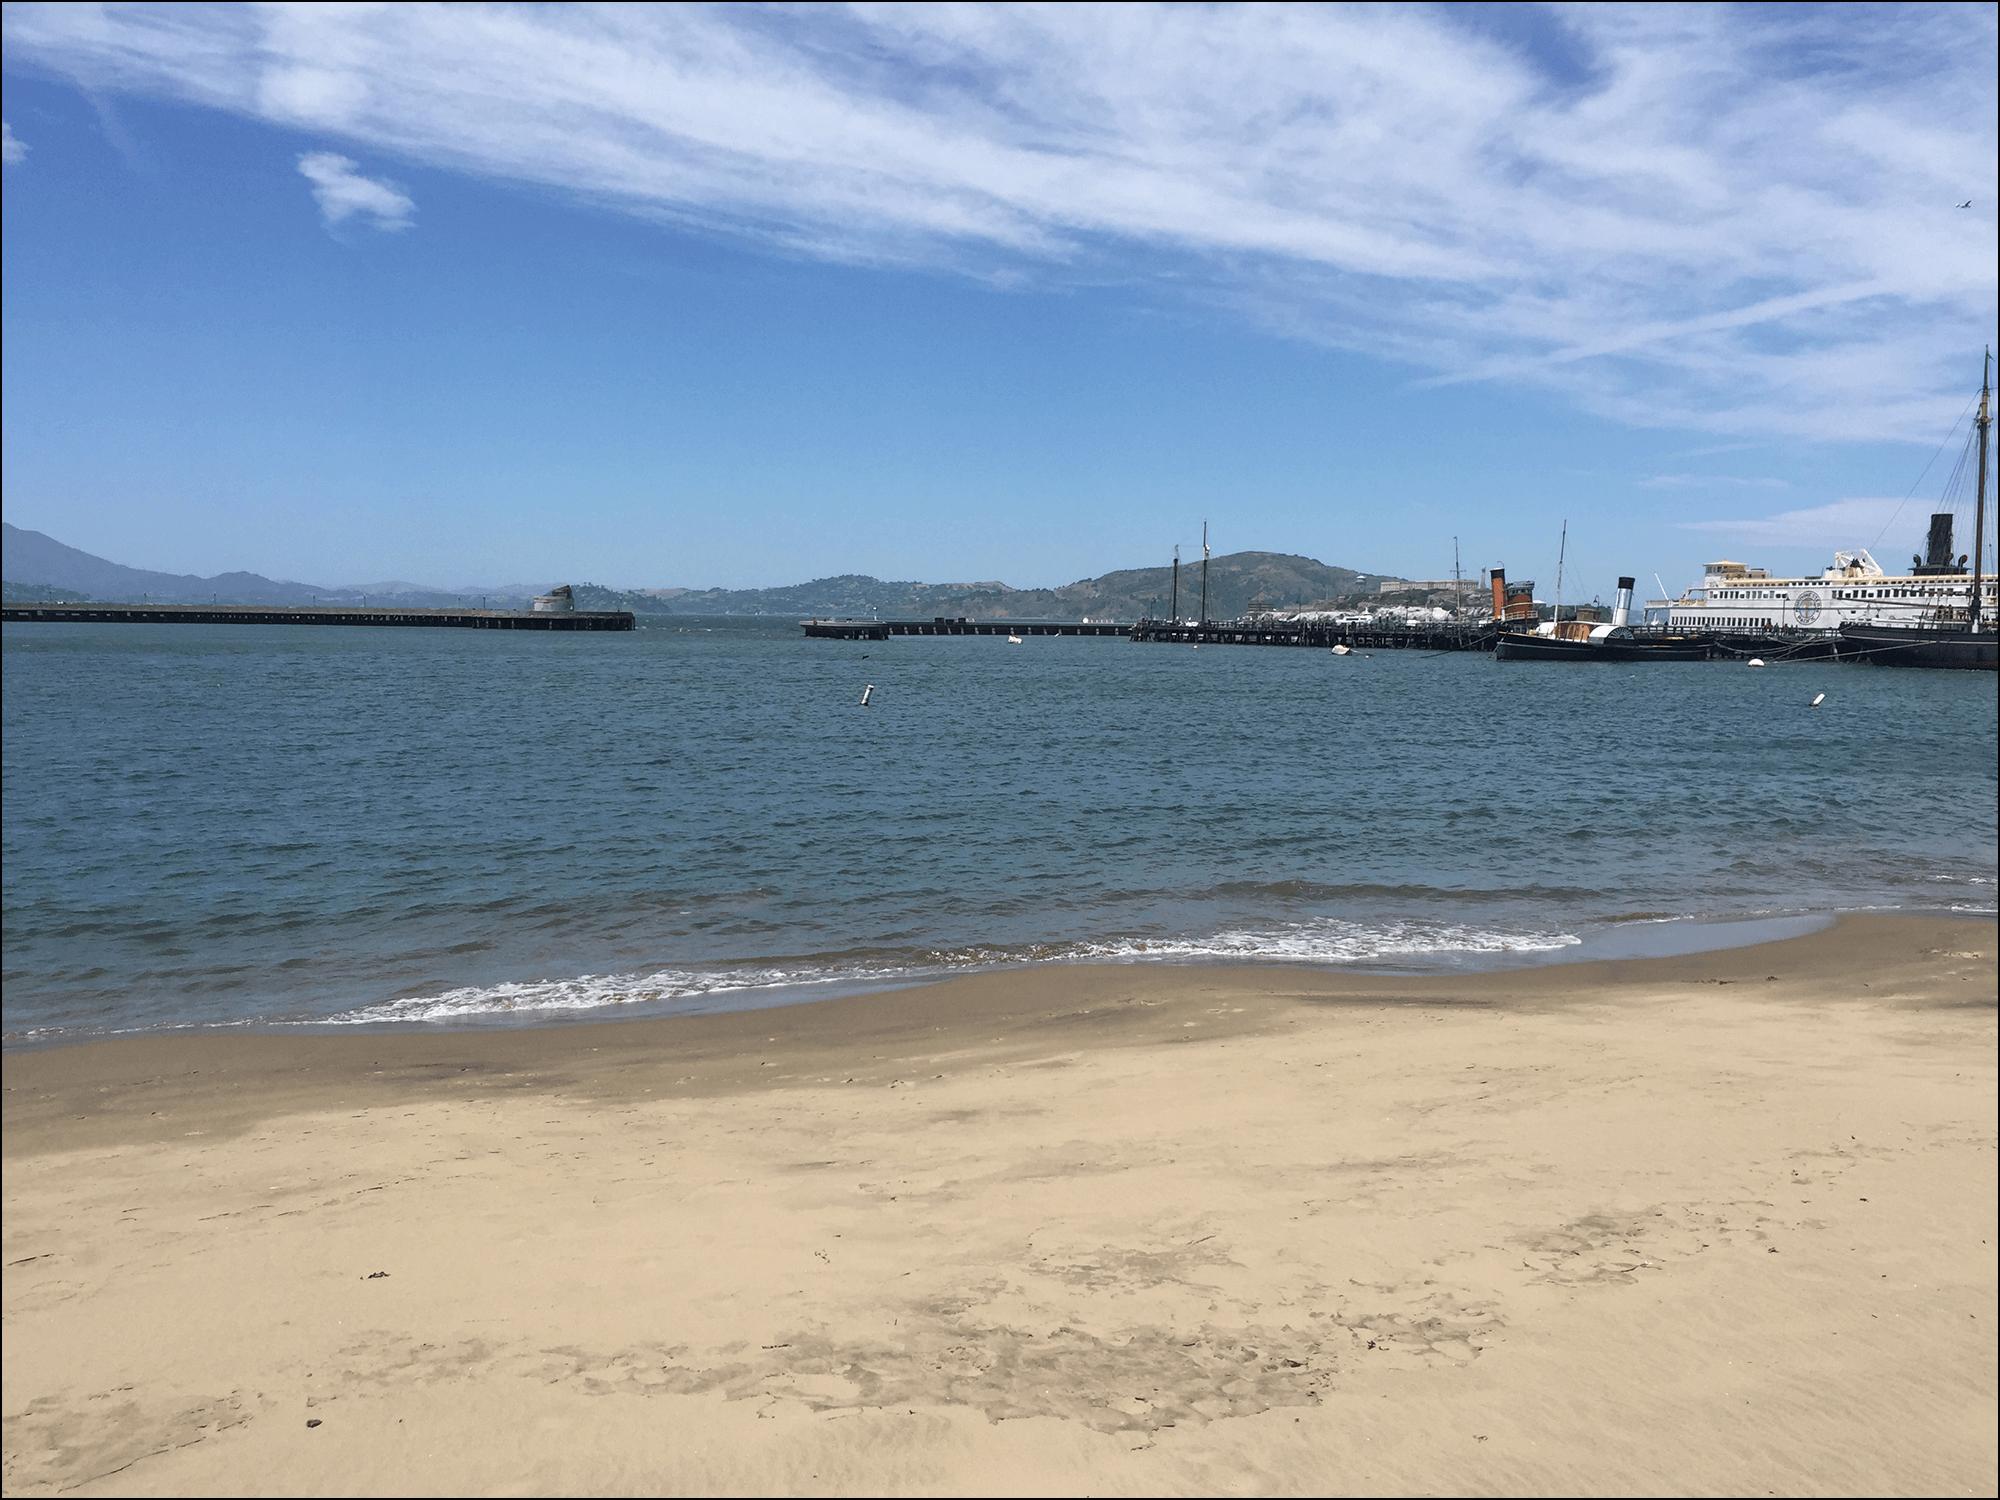 Am Strand von San Francisco Kalifornien